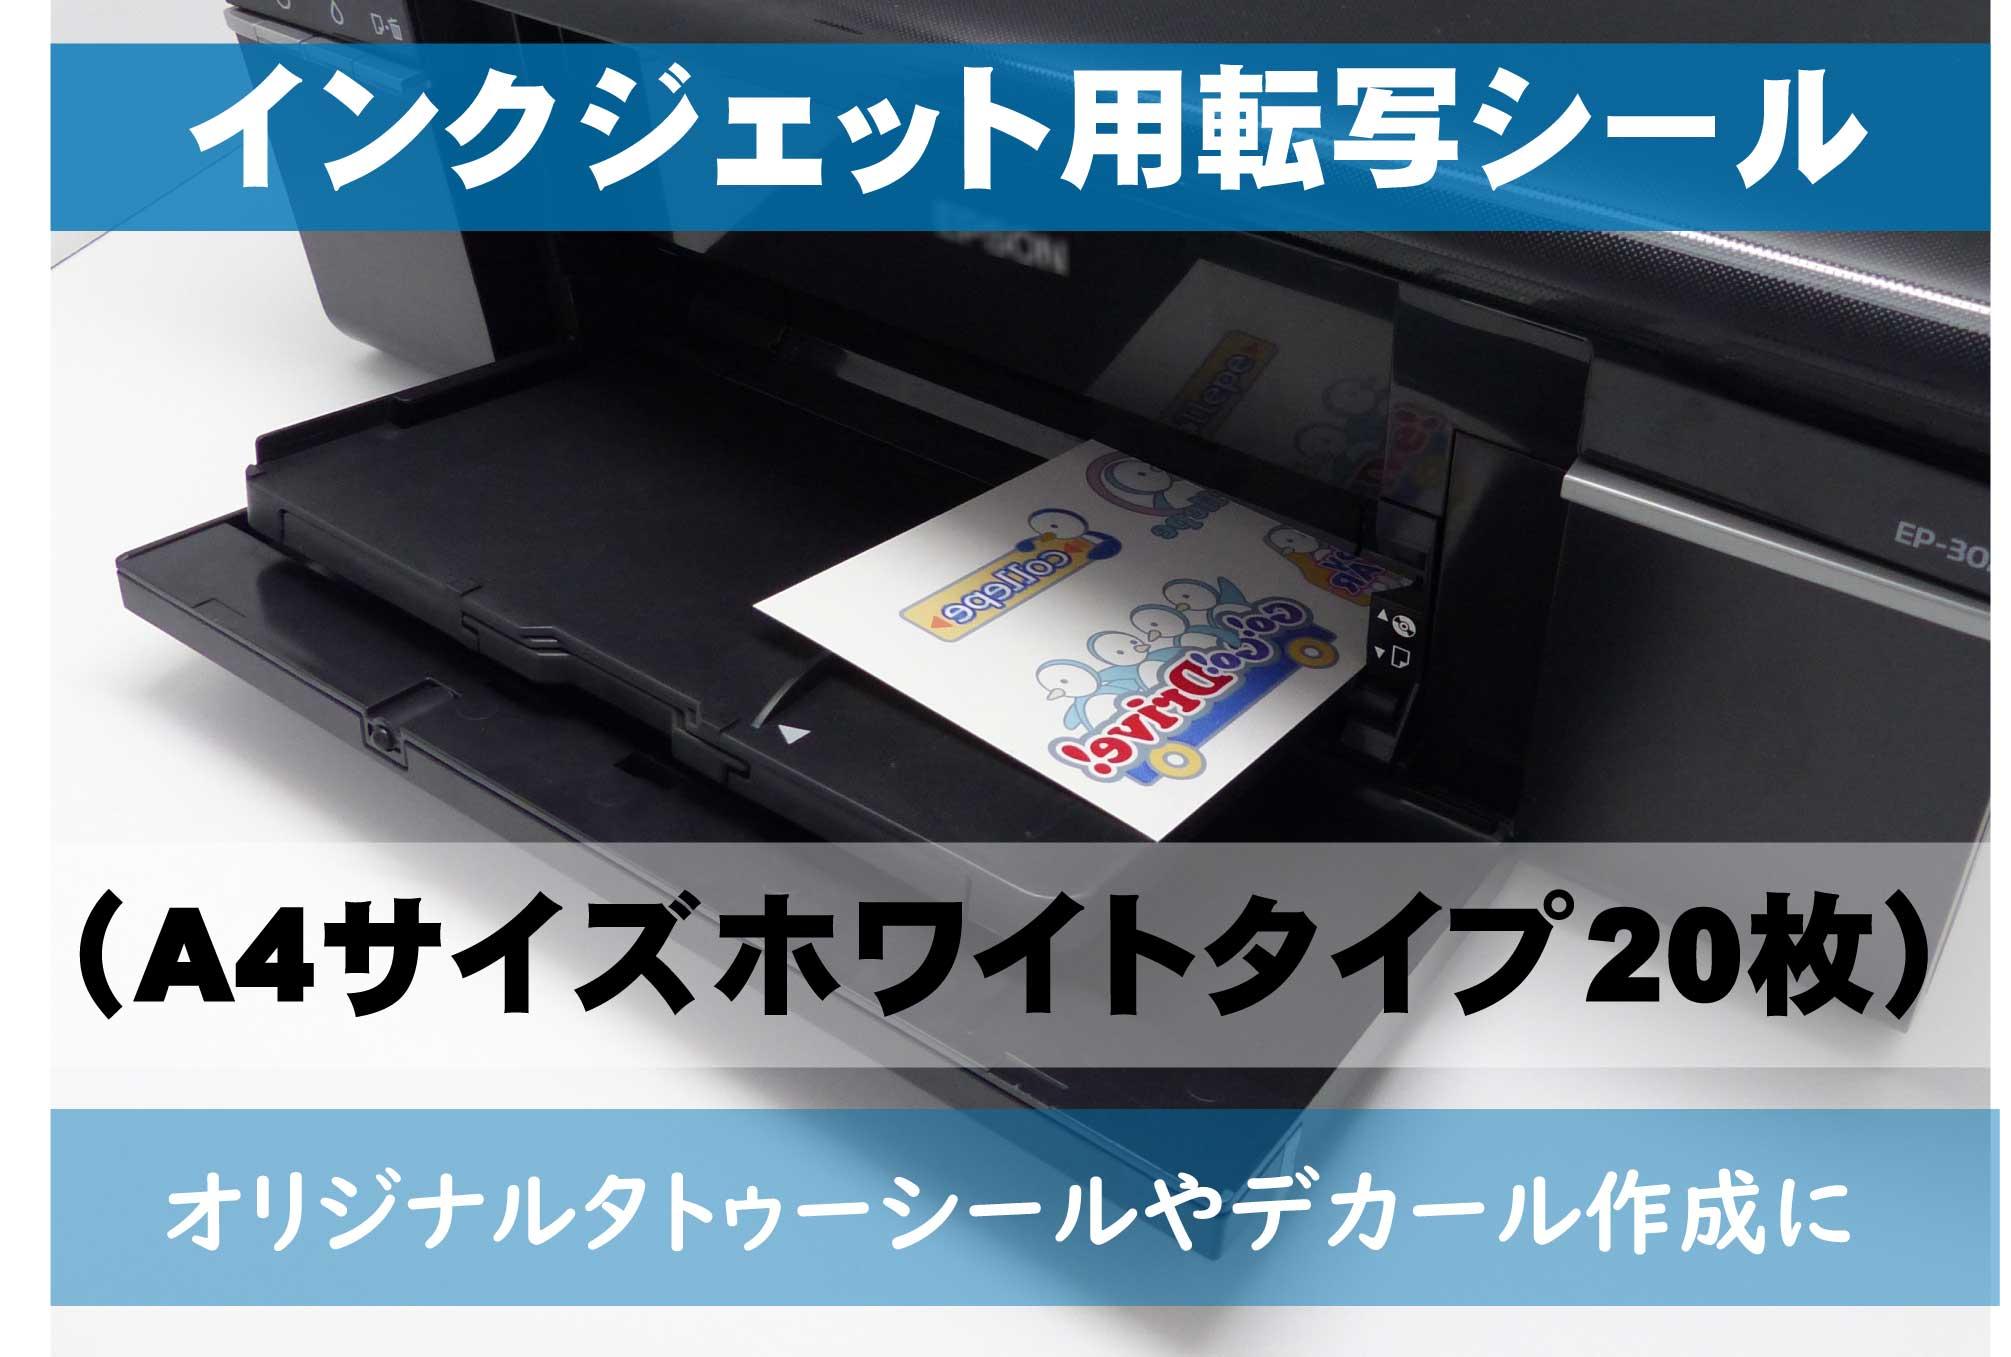 売り込み インクジェット用転写シール A4サイズホワイト 20枚 OUTLET SALE